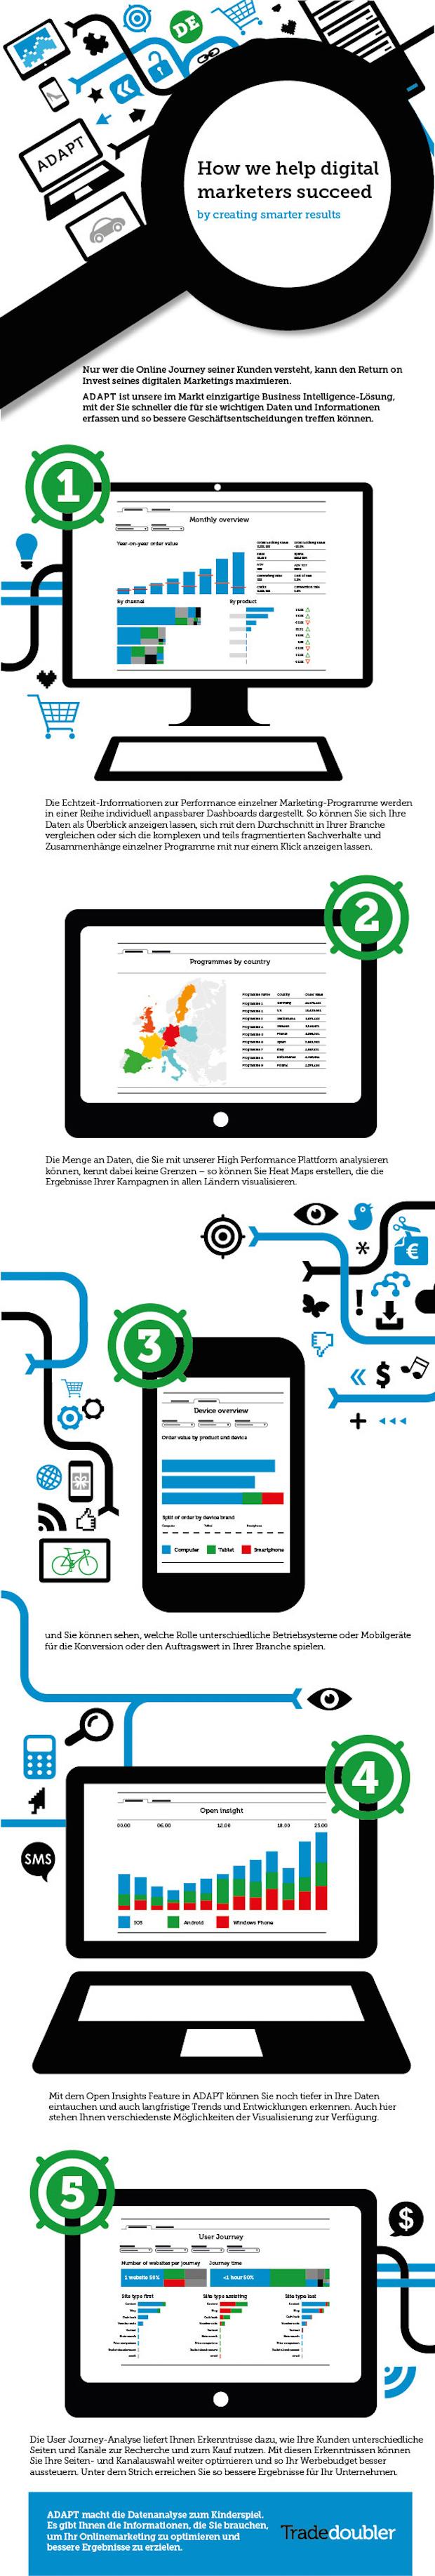 Bild von dmexco: Tradedoubler präsentiert neue Technologie